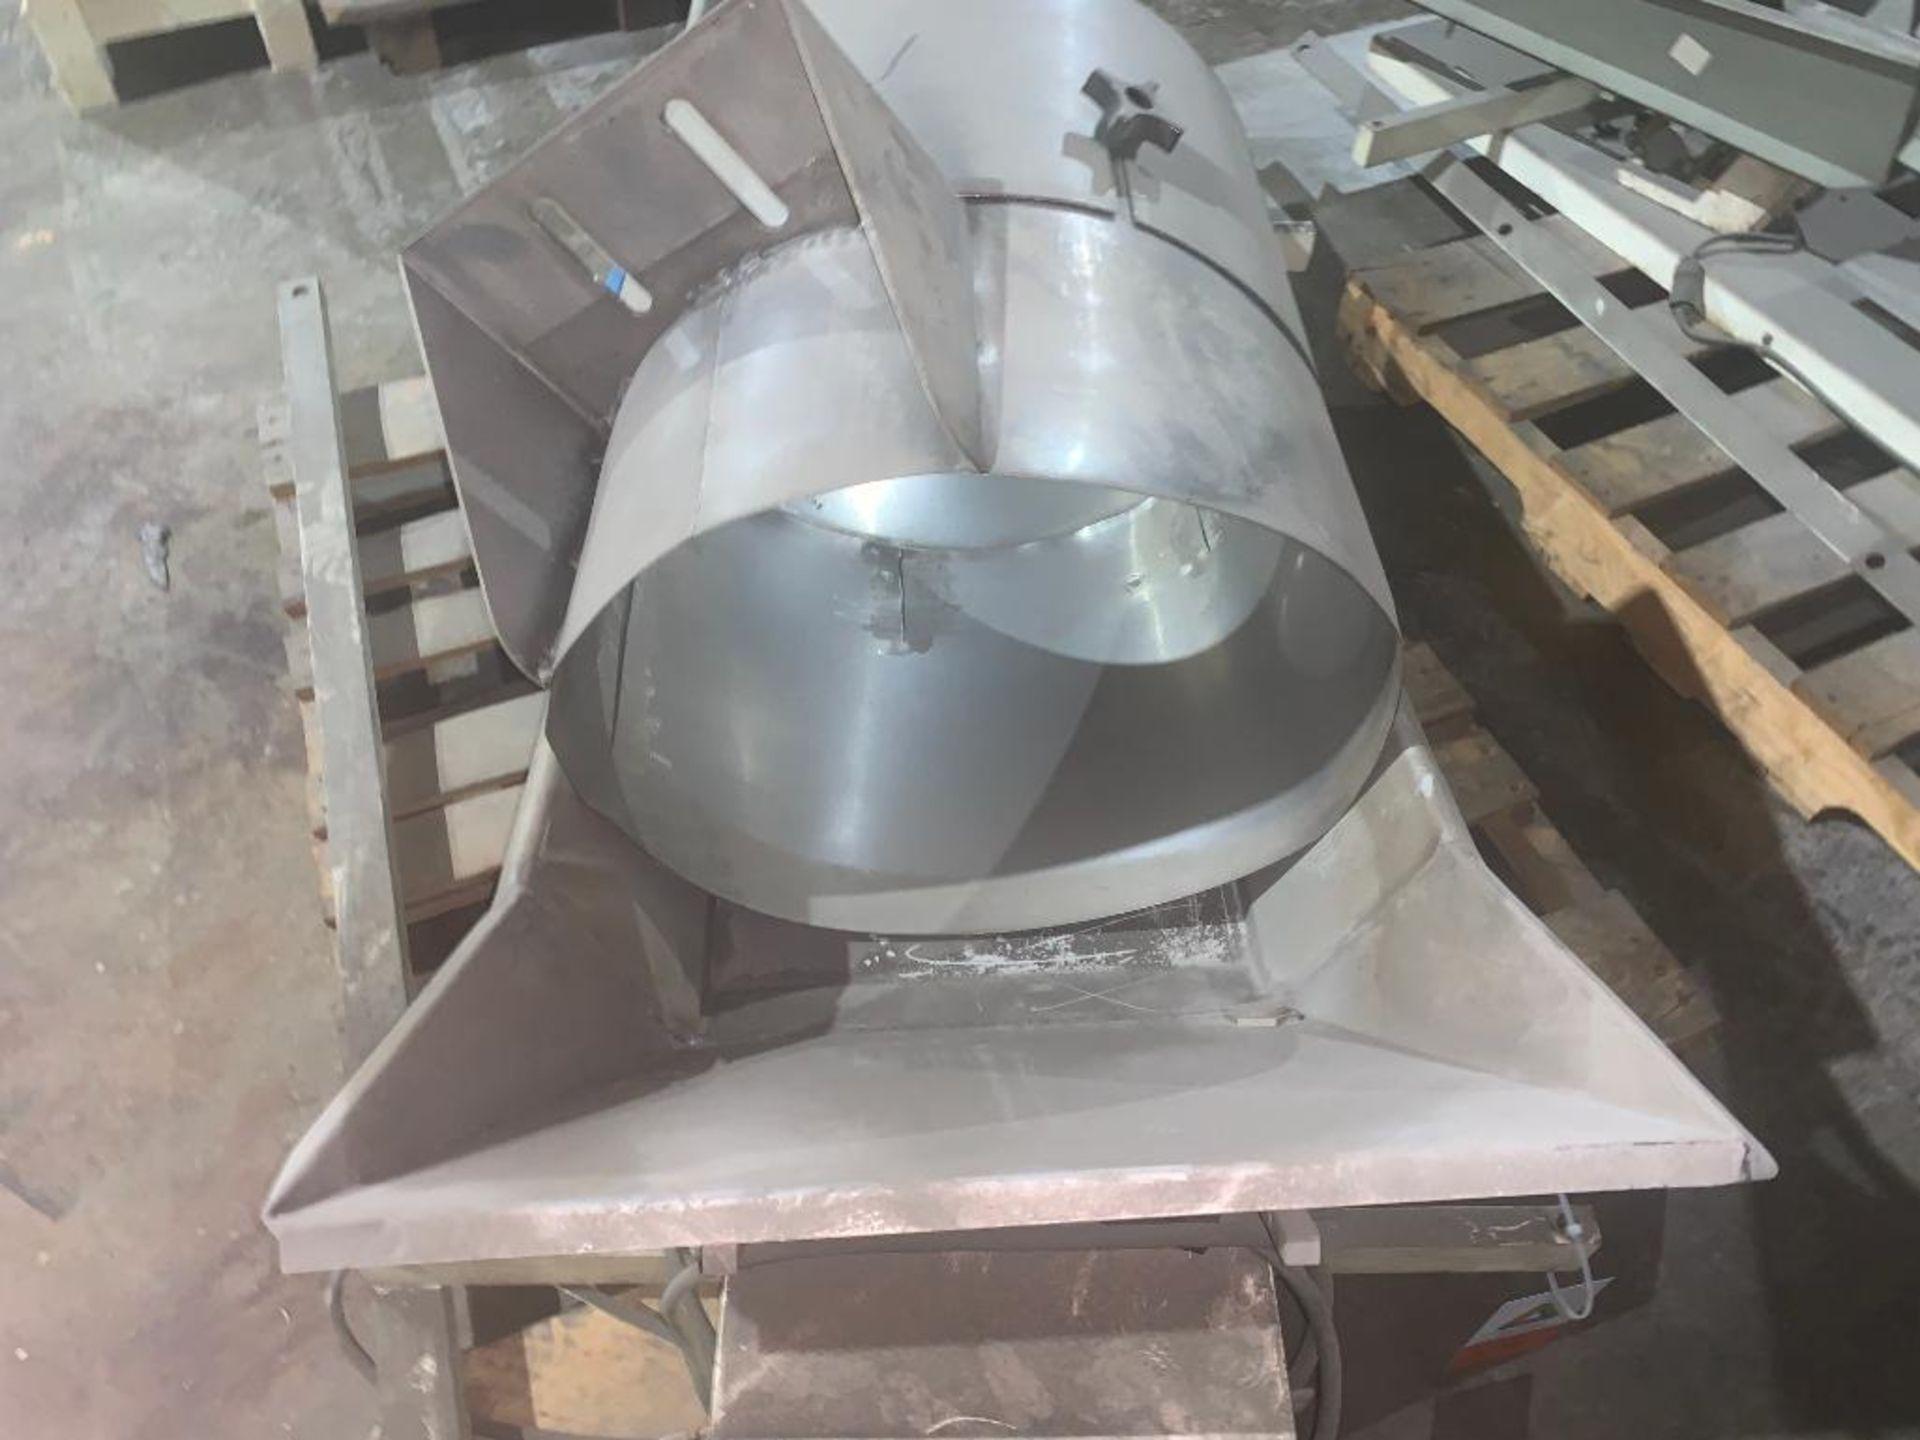 vibratory conveyor - Image 3 of 6